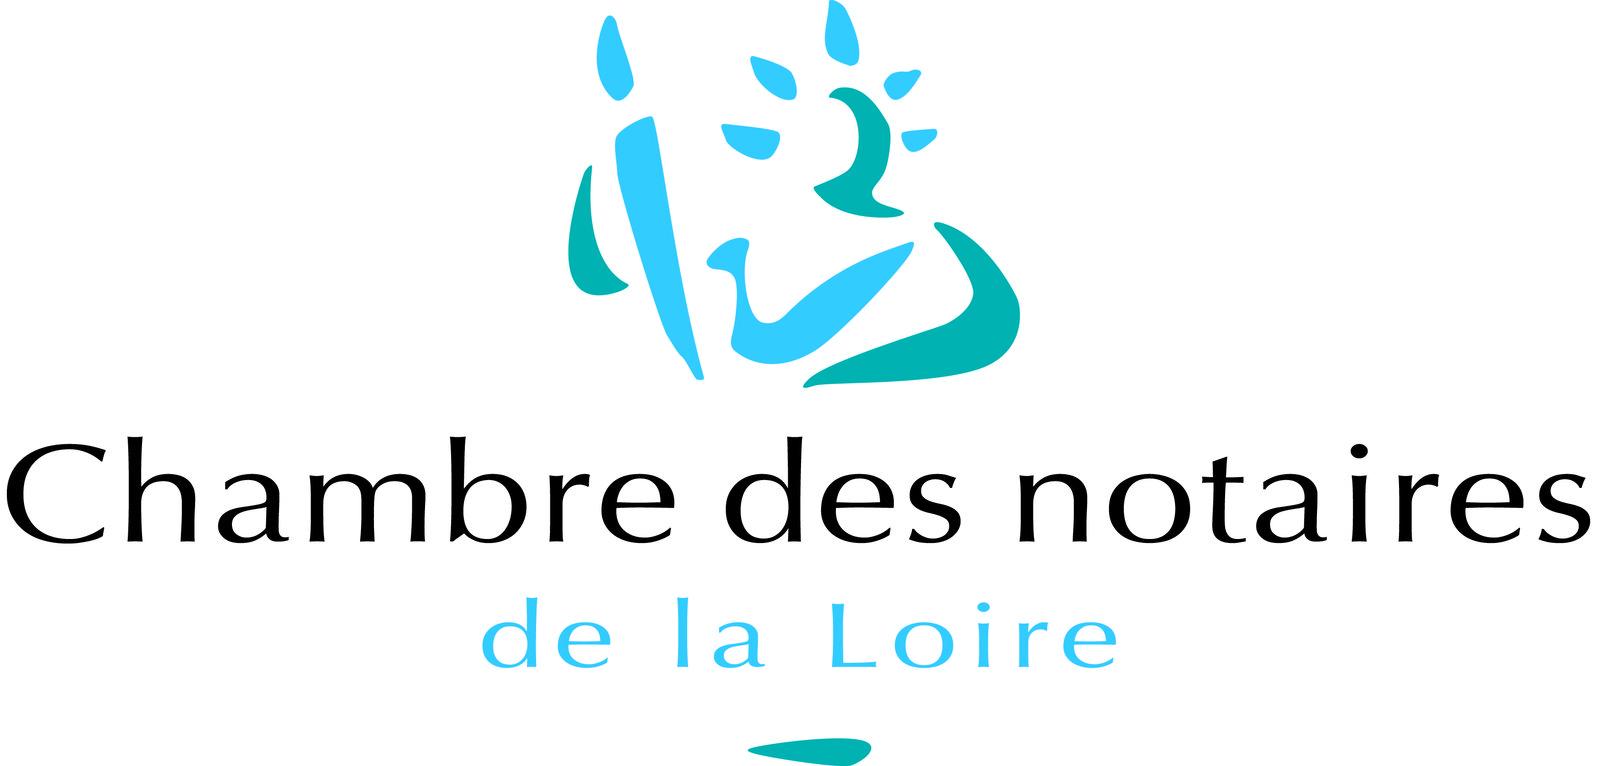 Chambre des notaires de la Loire